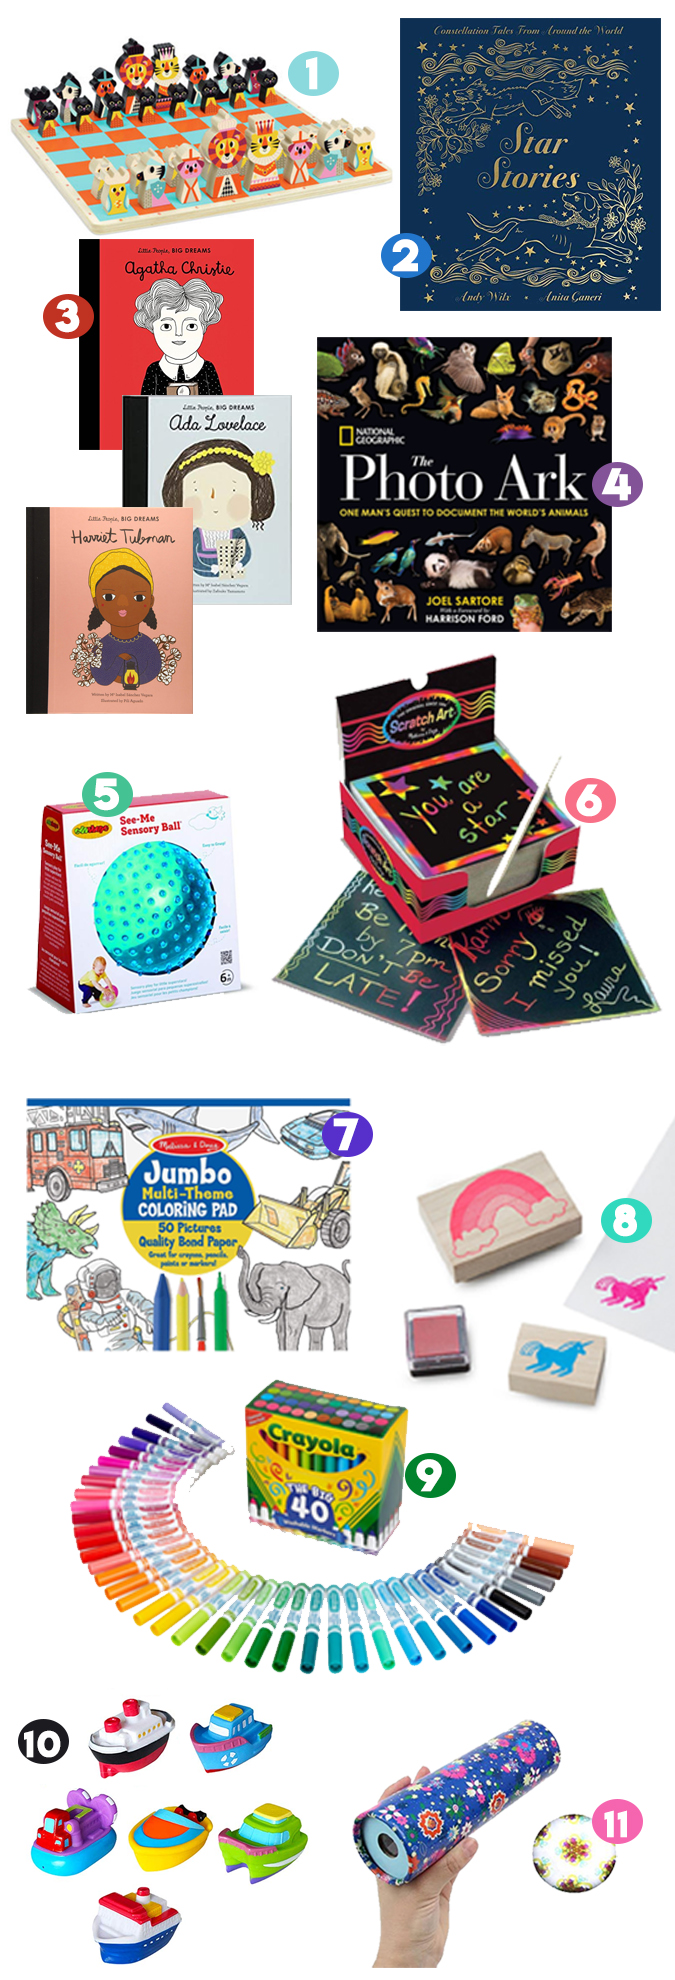 2018 kids gift guide.jpg